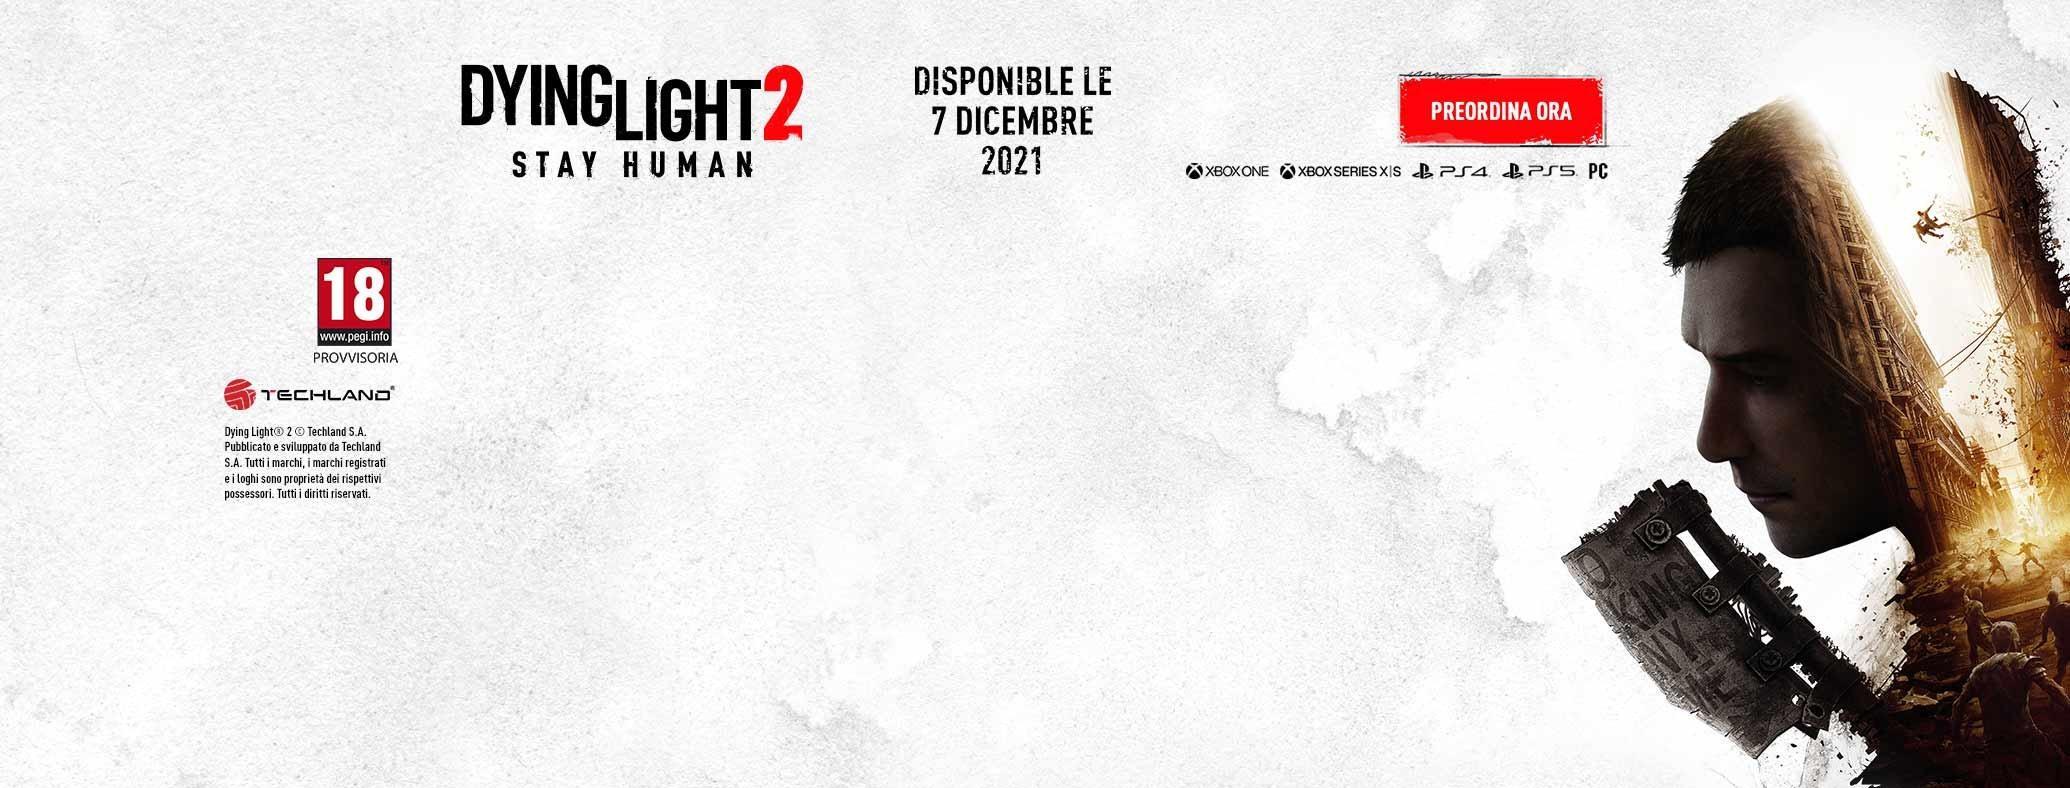 La fecha de lanzamiento de Dying Light 2 ha sido revelada antes de tiempo - Se filtra la fecha de lanzamiento de Dying Light 2 antes de tiempo, todo por una nueva imagen promocional para su nueva transmisión.